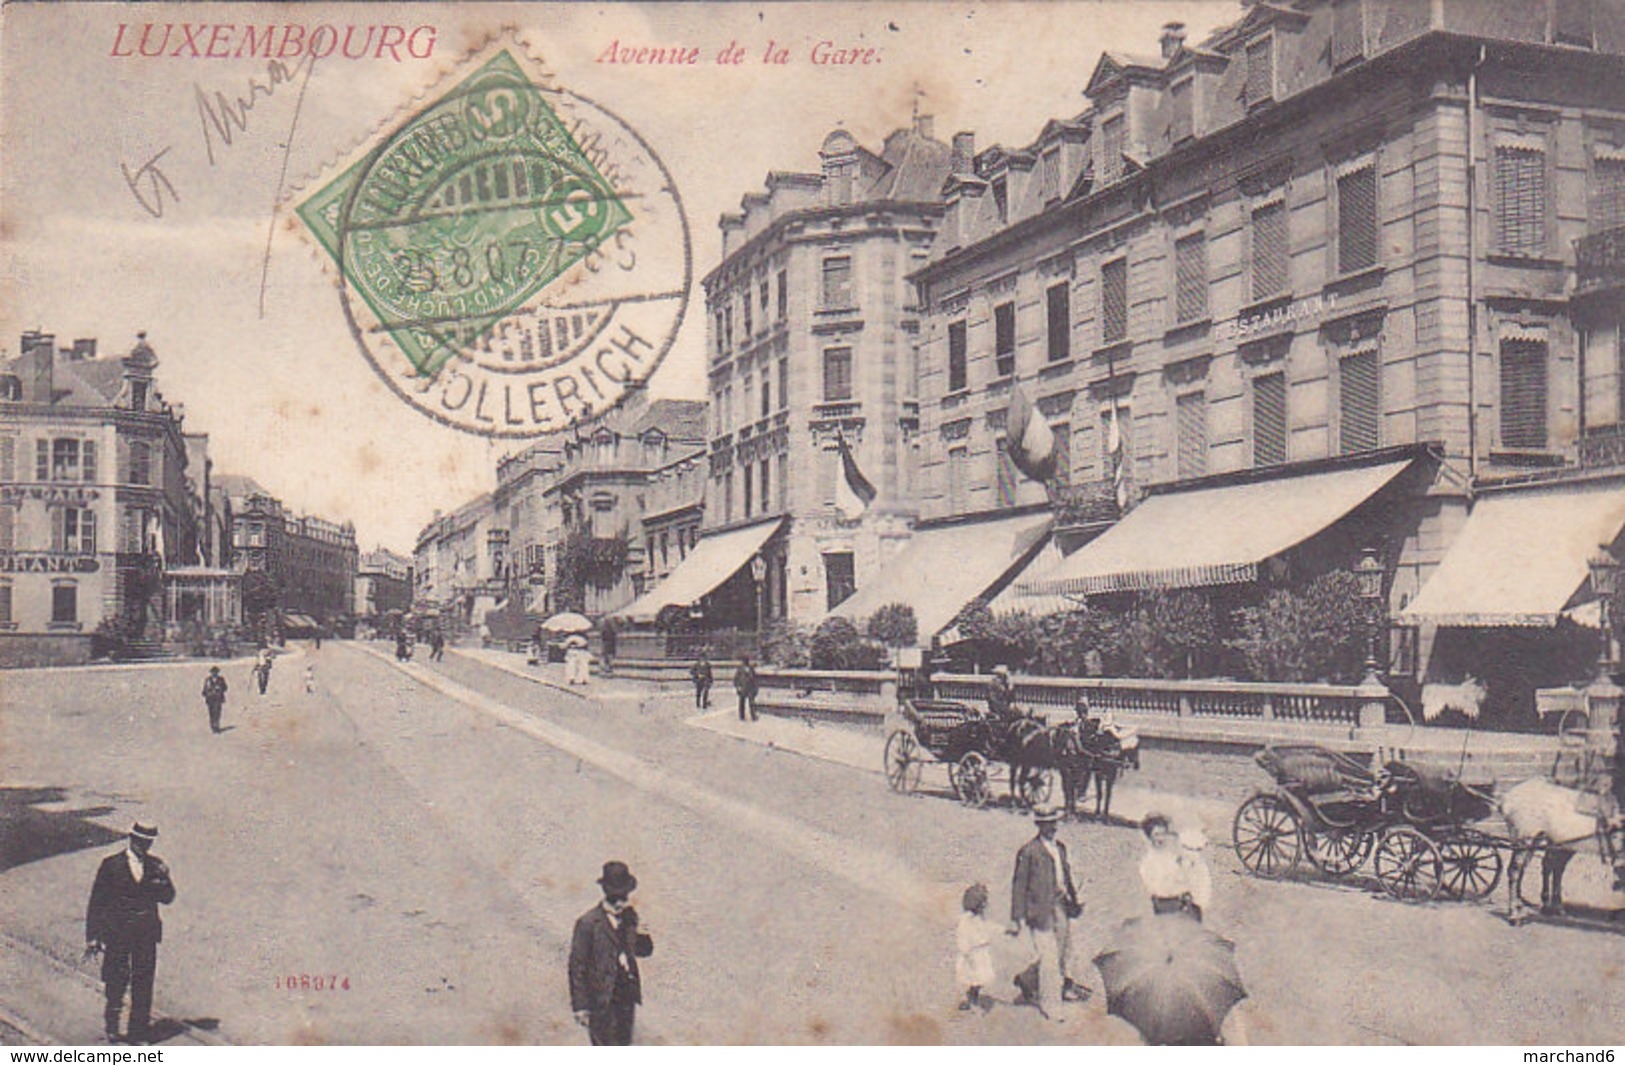 Luxembourg Letzeburg Avenue De La Gare N°108974 - Luxembourg - Ville